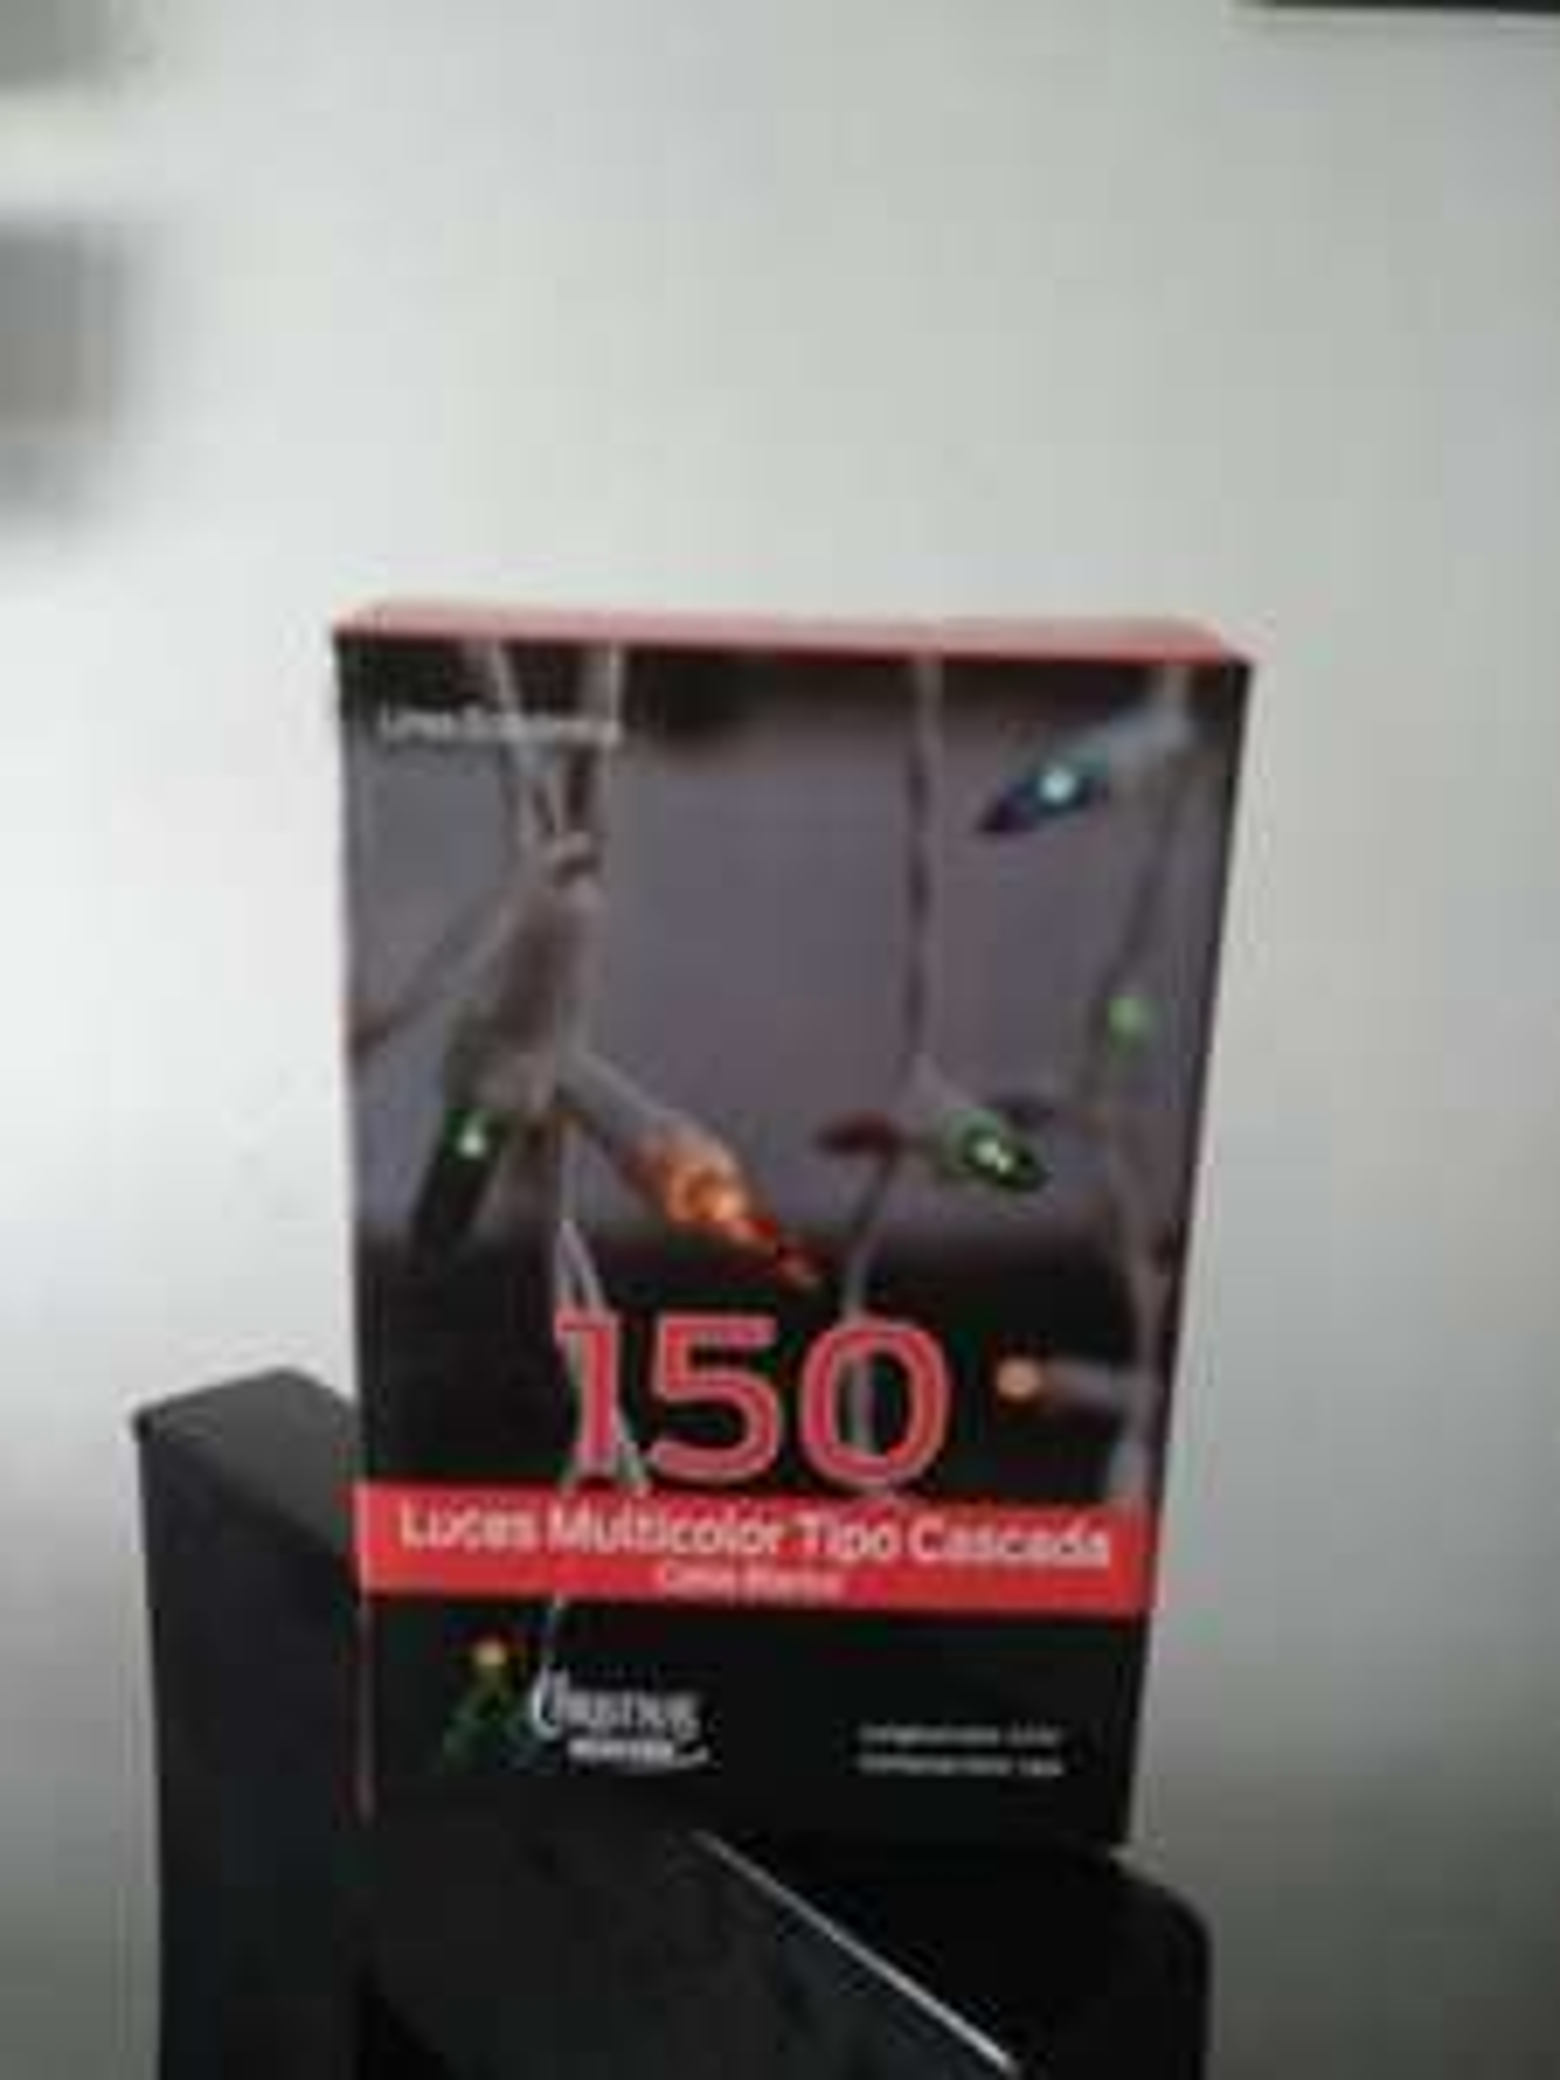 Soriana Híper Poza Rica: cascada luces de colores en $14.90 y más